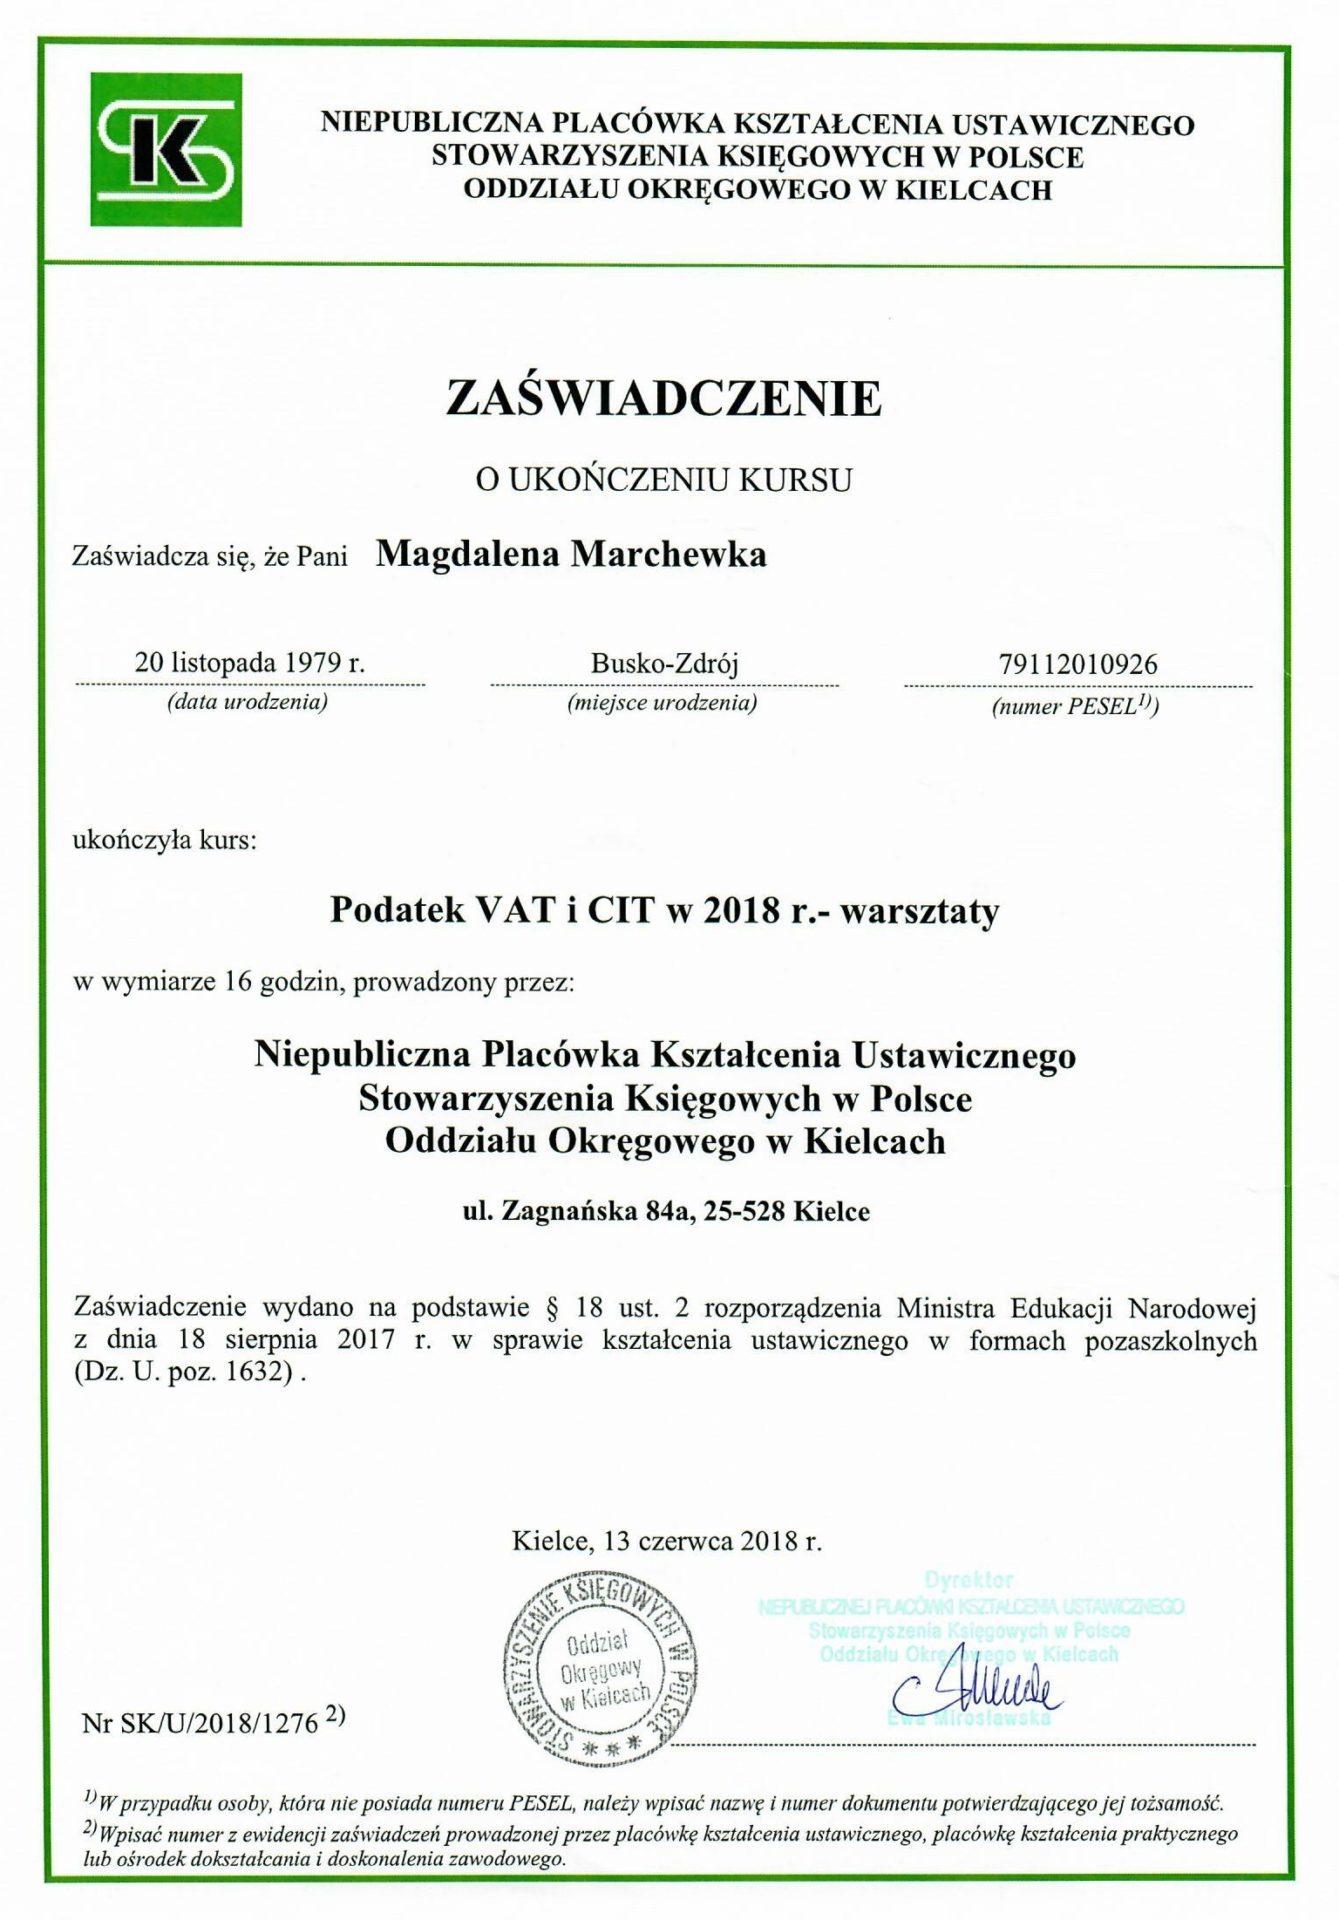 Zaświadczenie o ukończeniu kursu. Podatek VAT i CIT 2018